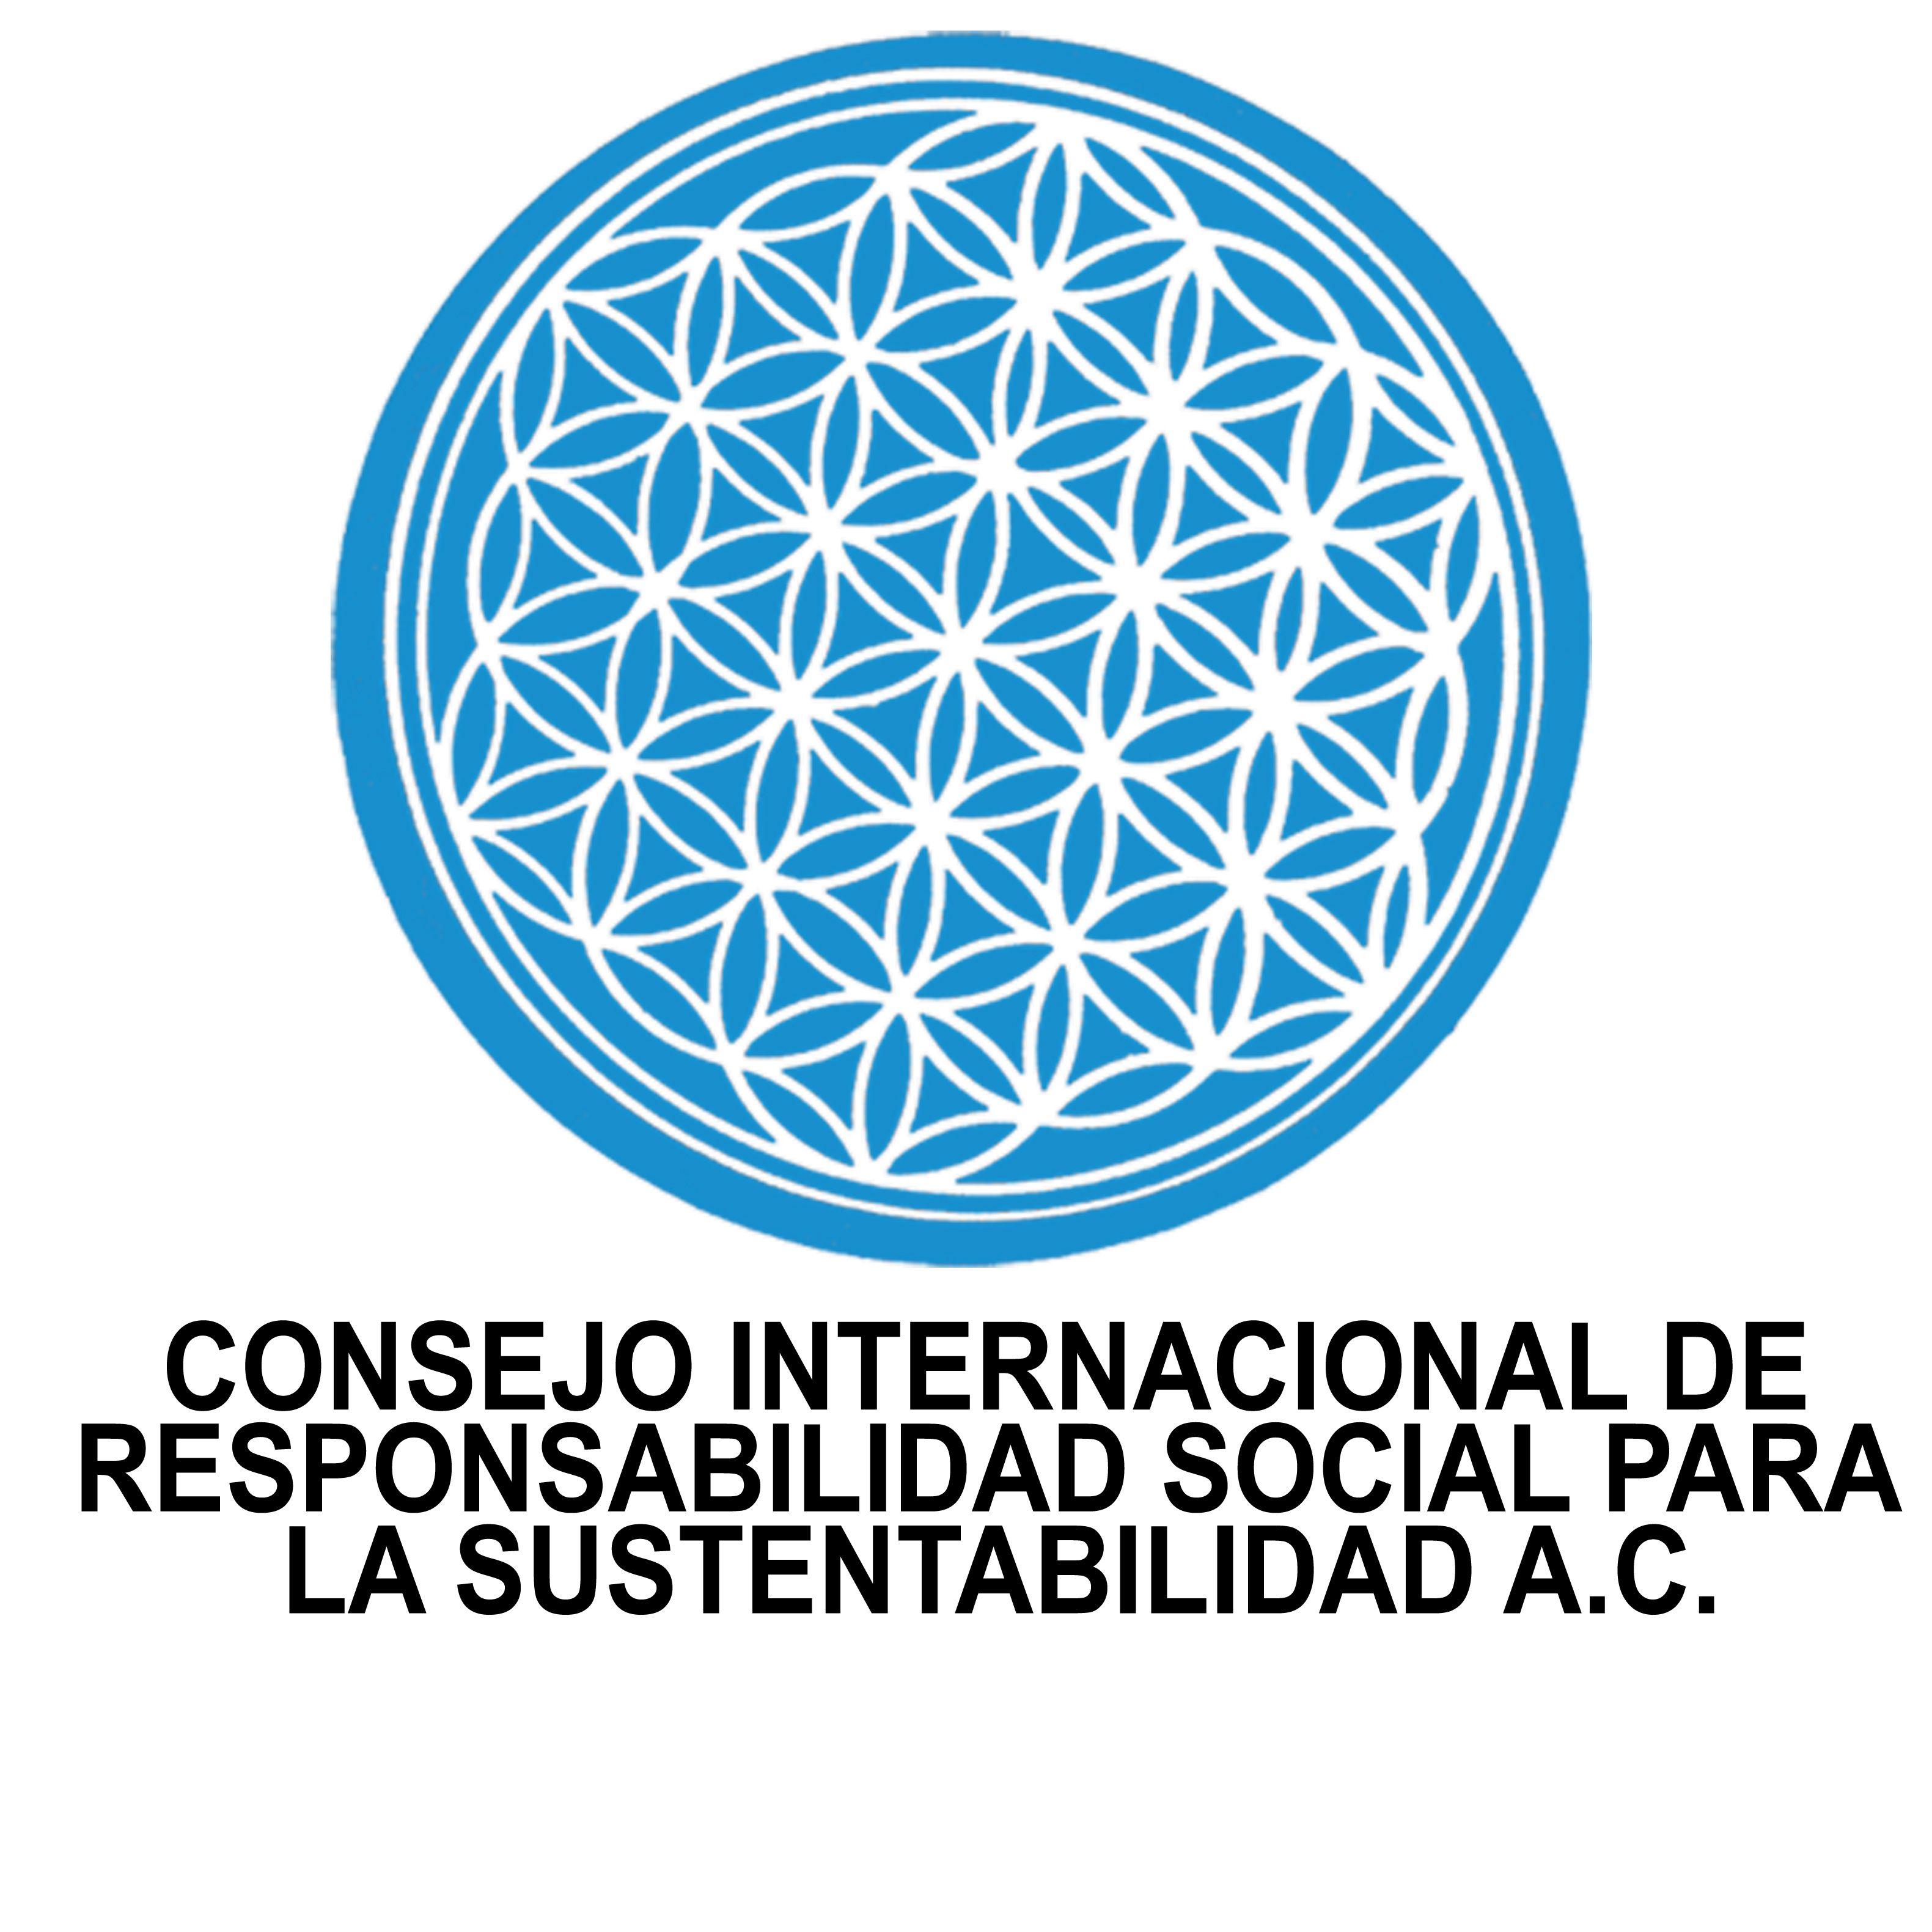 CIRSS (Consejo Internacional de Responsabilidad Social para Sustentabilidad)